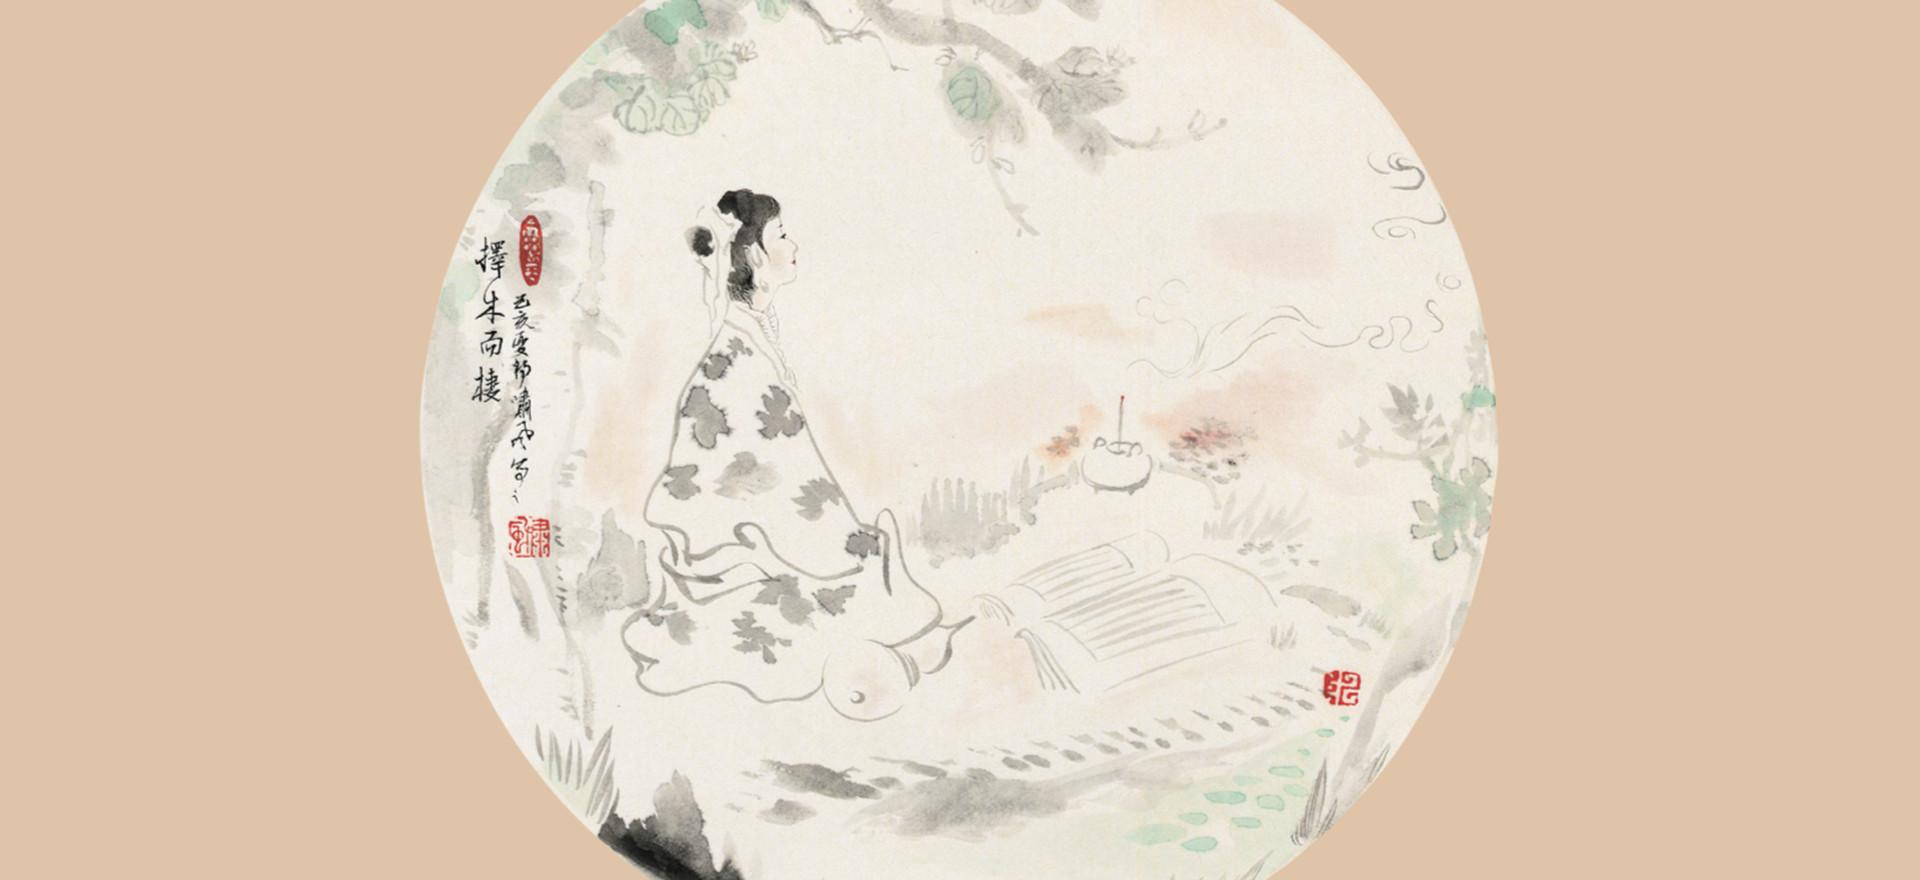 陳嘯風 《擇木而棲》,2019年